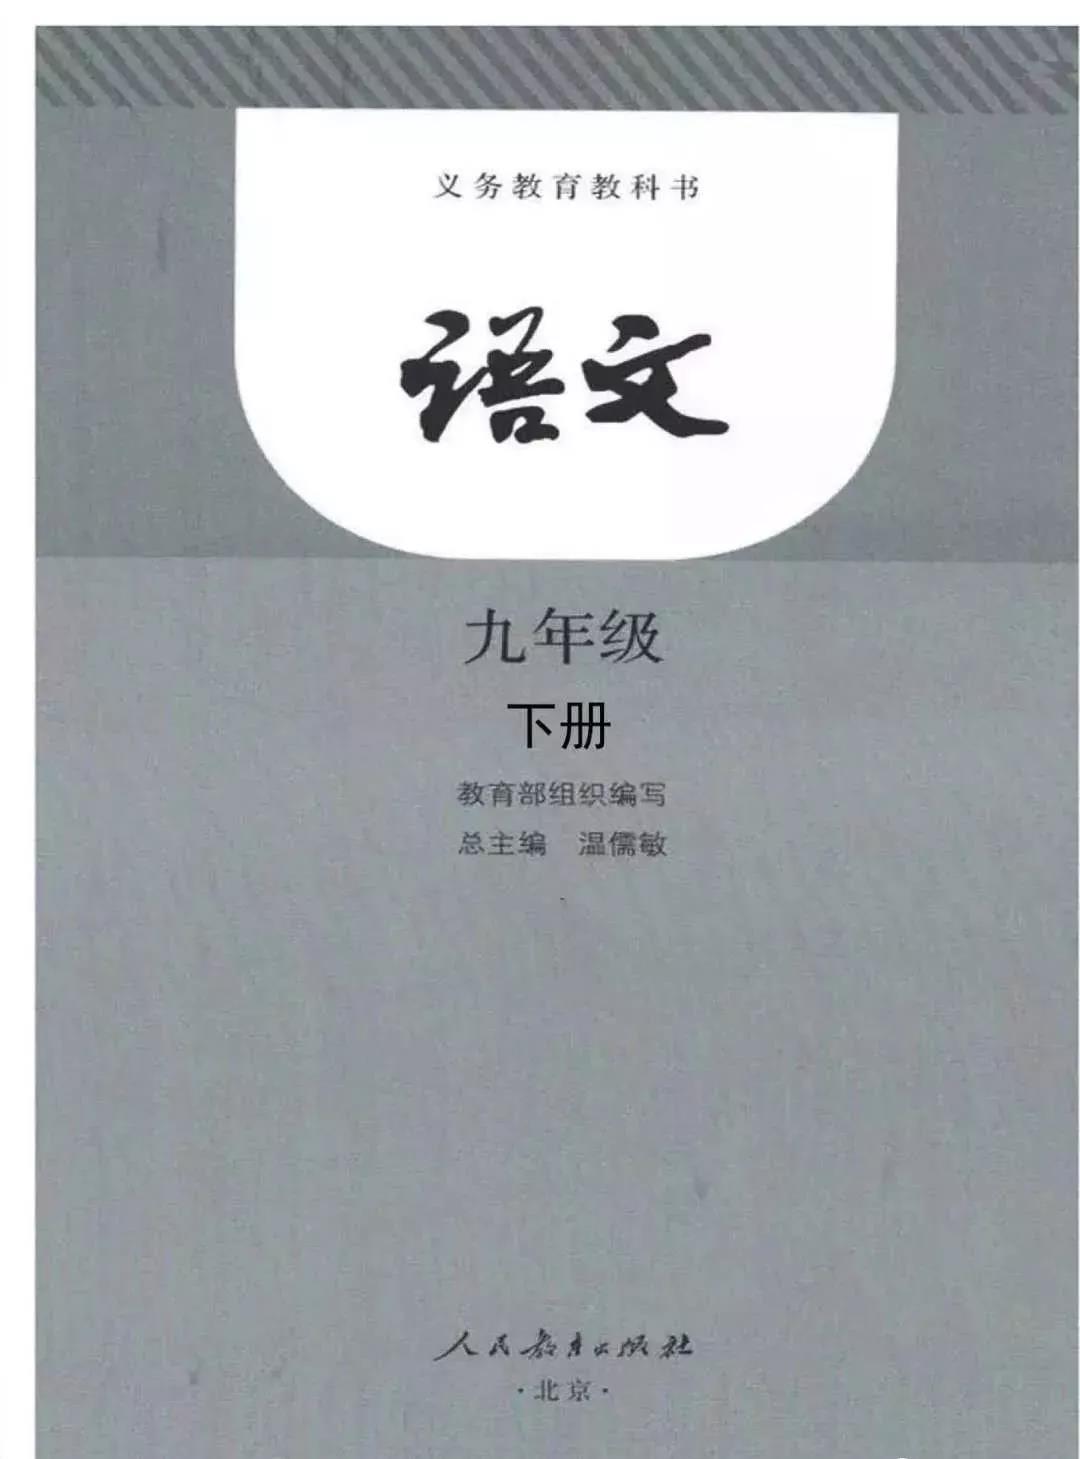 部编版九年级语文下册